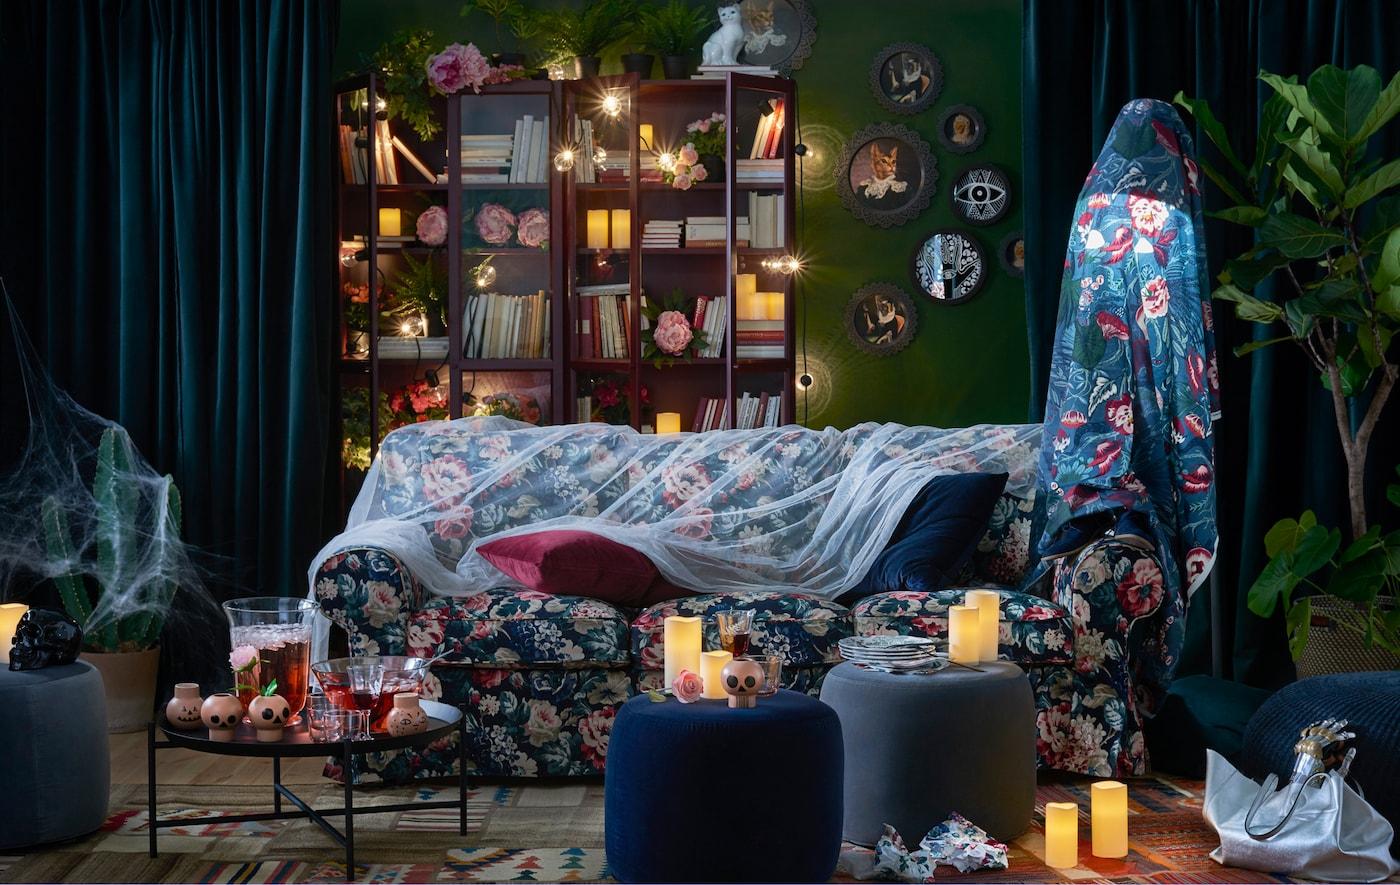 Een woonkamer die griezelig versierd is met spinnenwebben, kaarsen en textiel over de zitbank gedrapeerd.